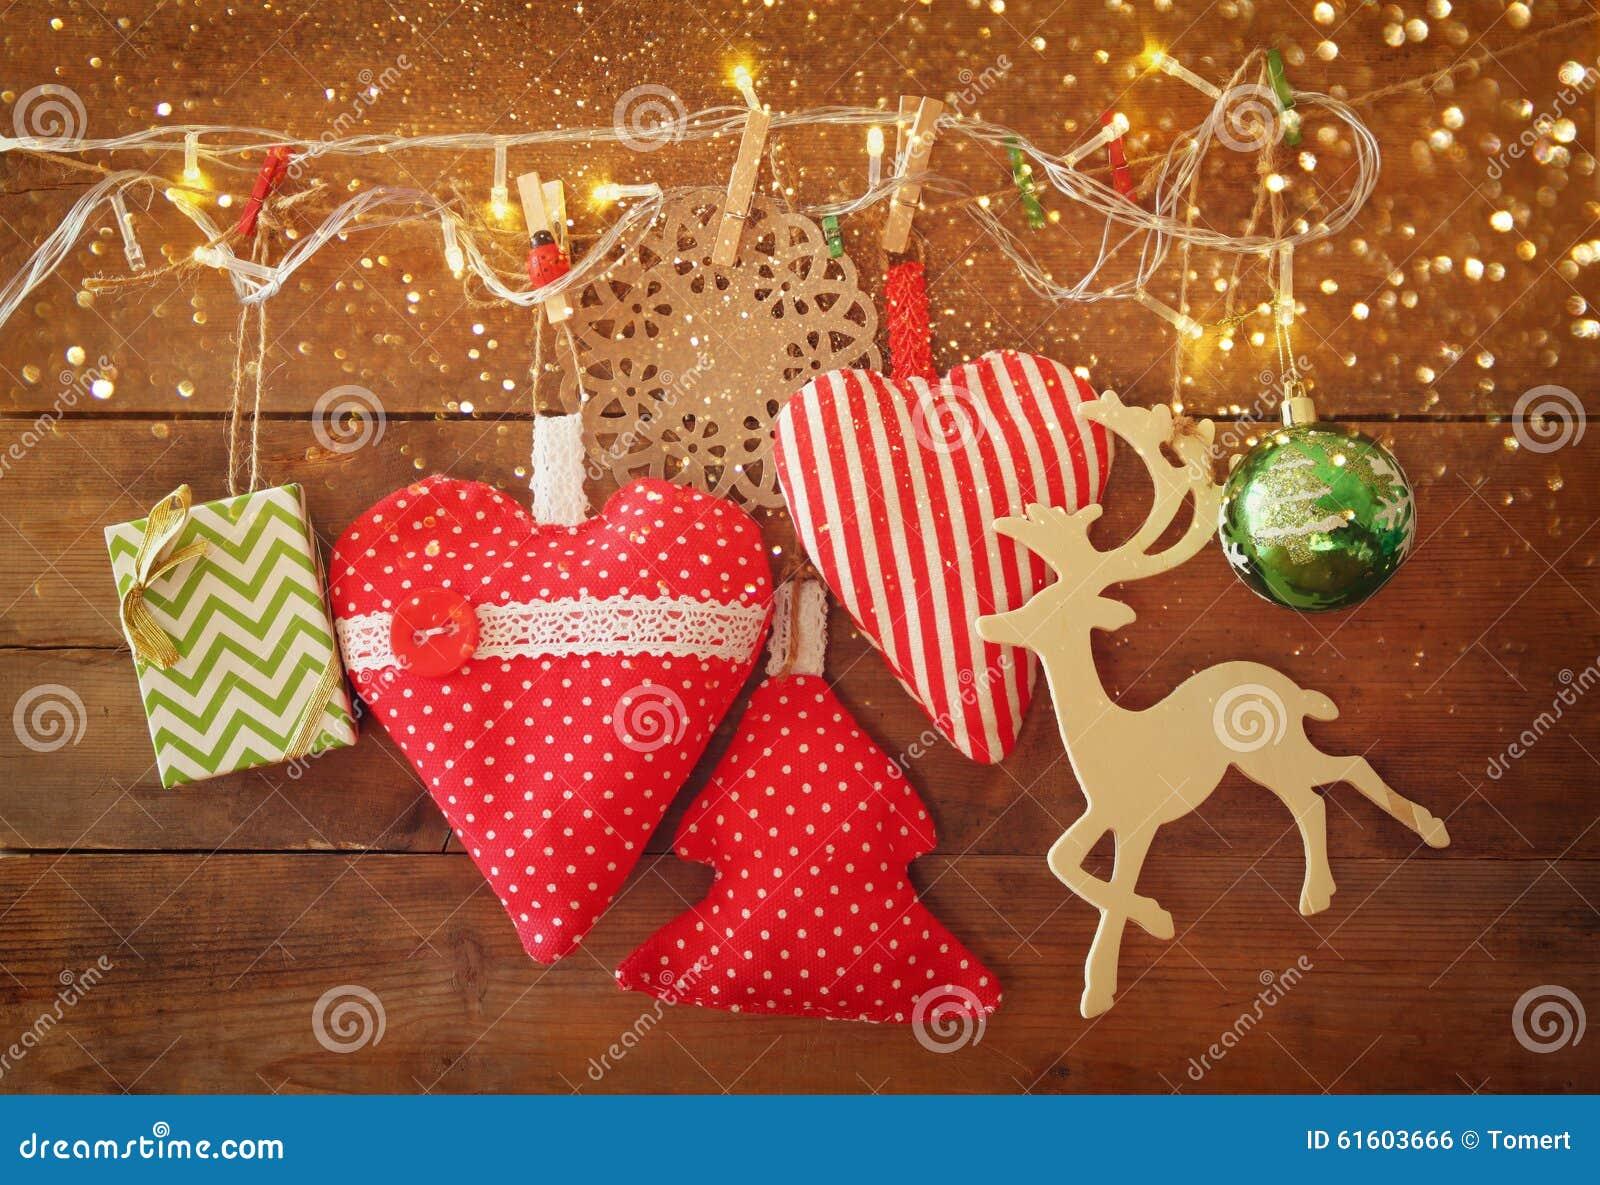 weihnachtsbild von roten herzen und baum des gewebes. Black Bedroom Furniture Sets. Home Design Ideas